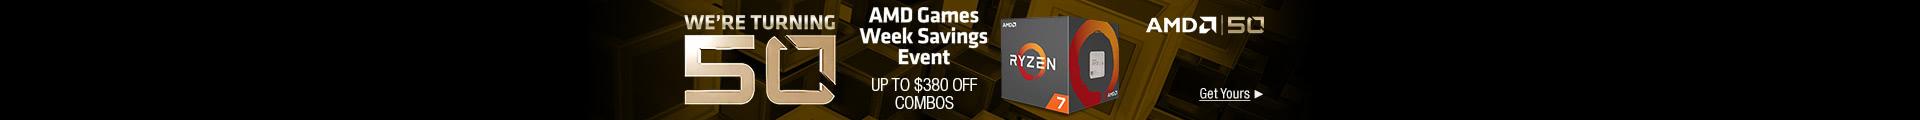 AMD Games Week Savings Event